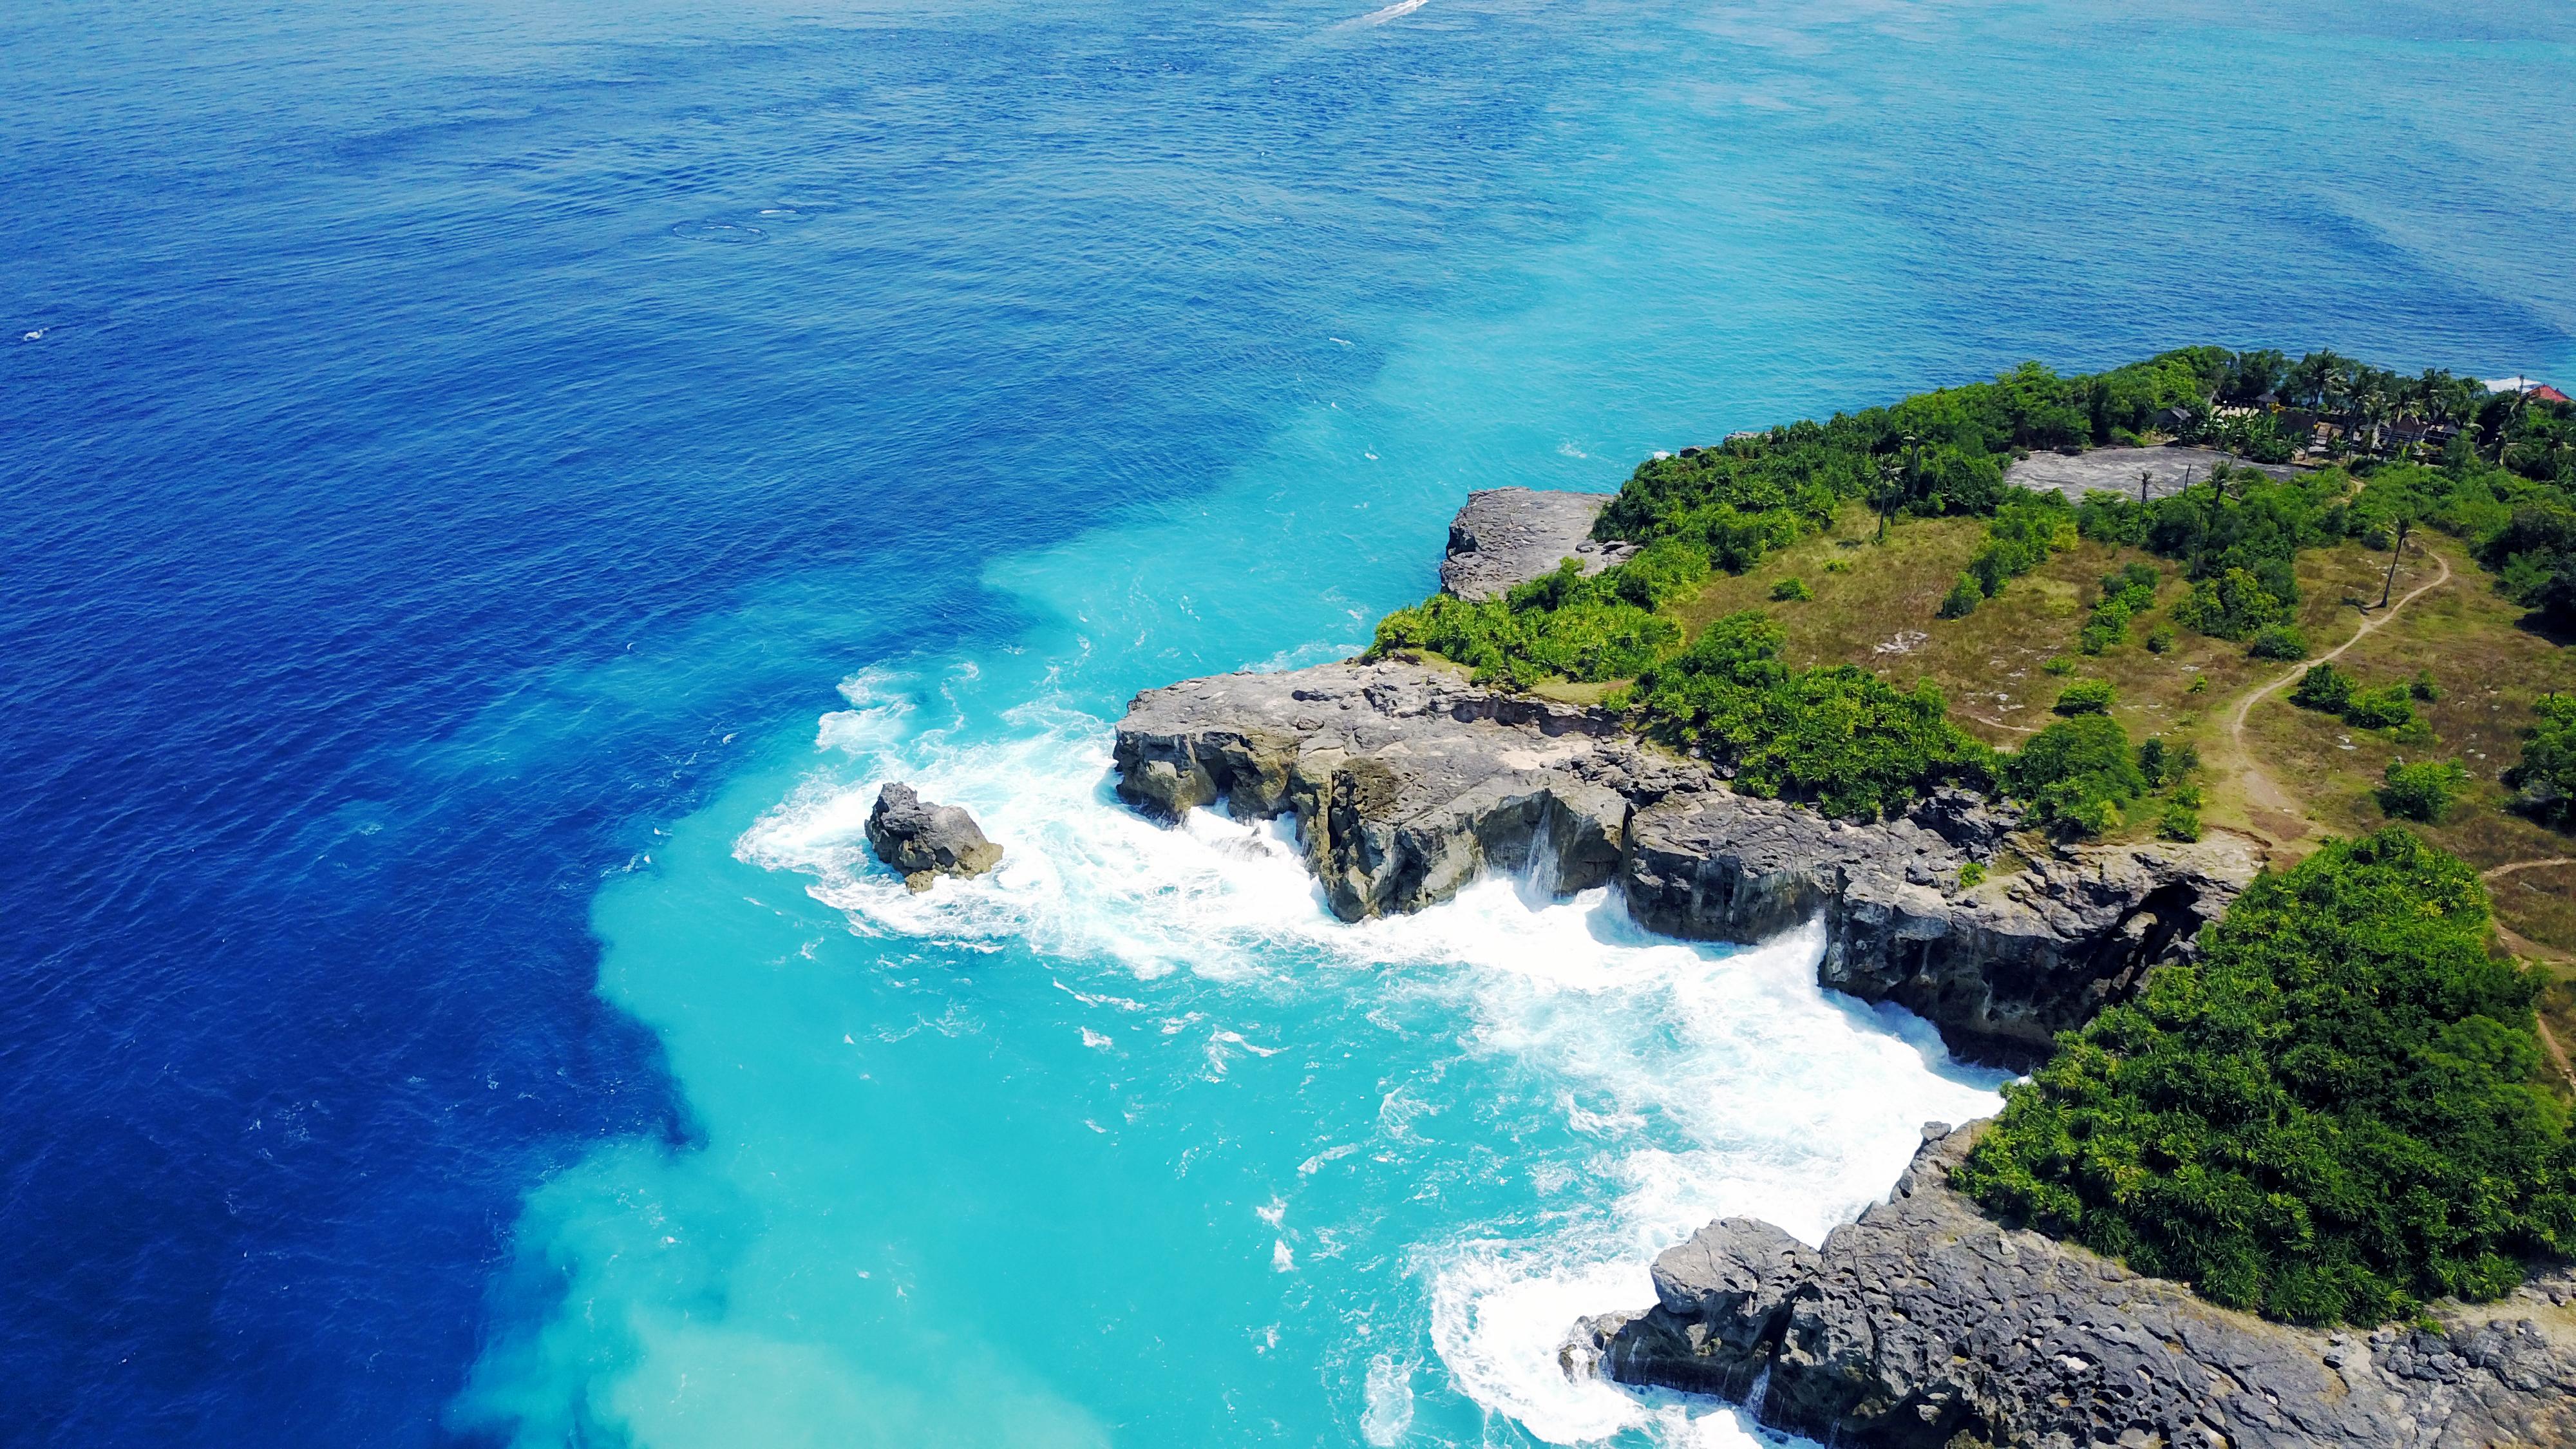 La playa Blue Lagoon se encuentra a orillas de la montañosa isla volcánica de Nacula, una de las islas Fiji